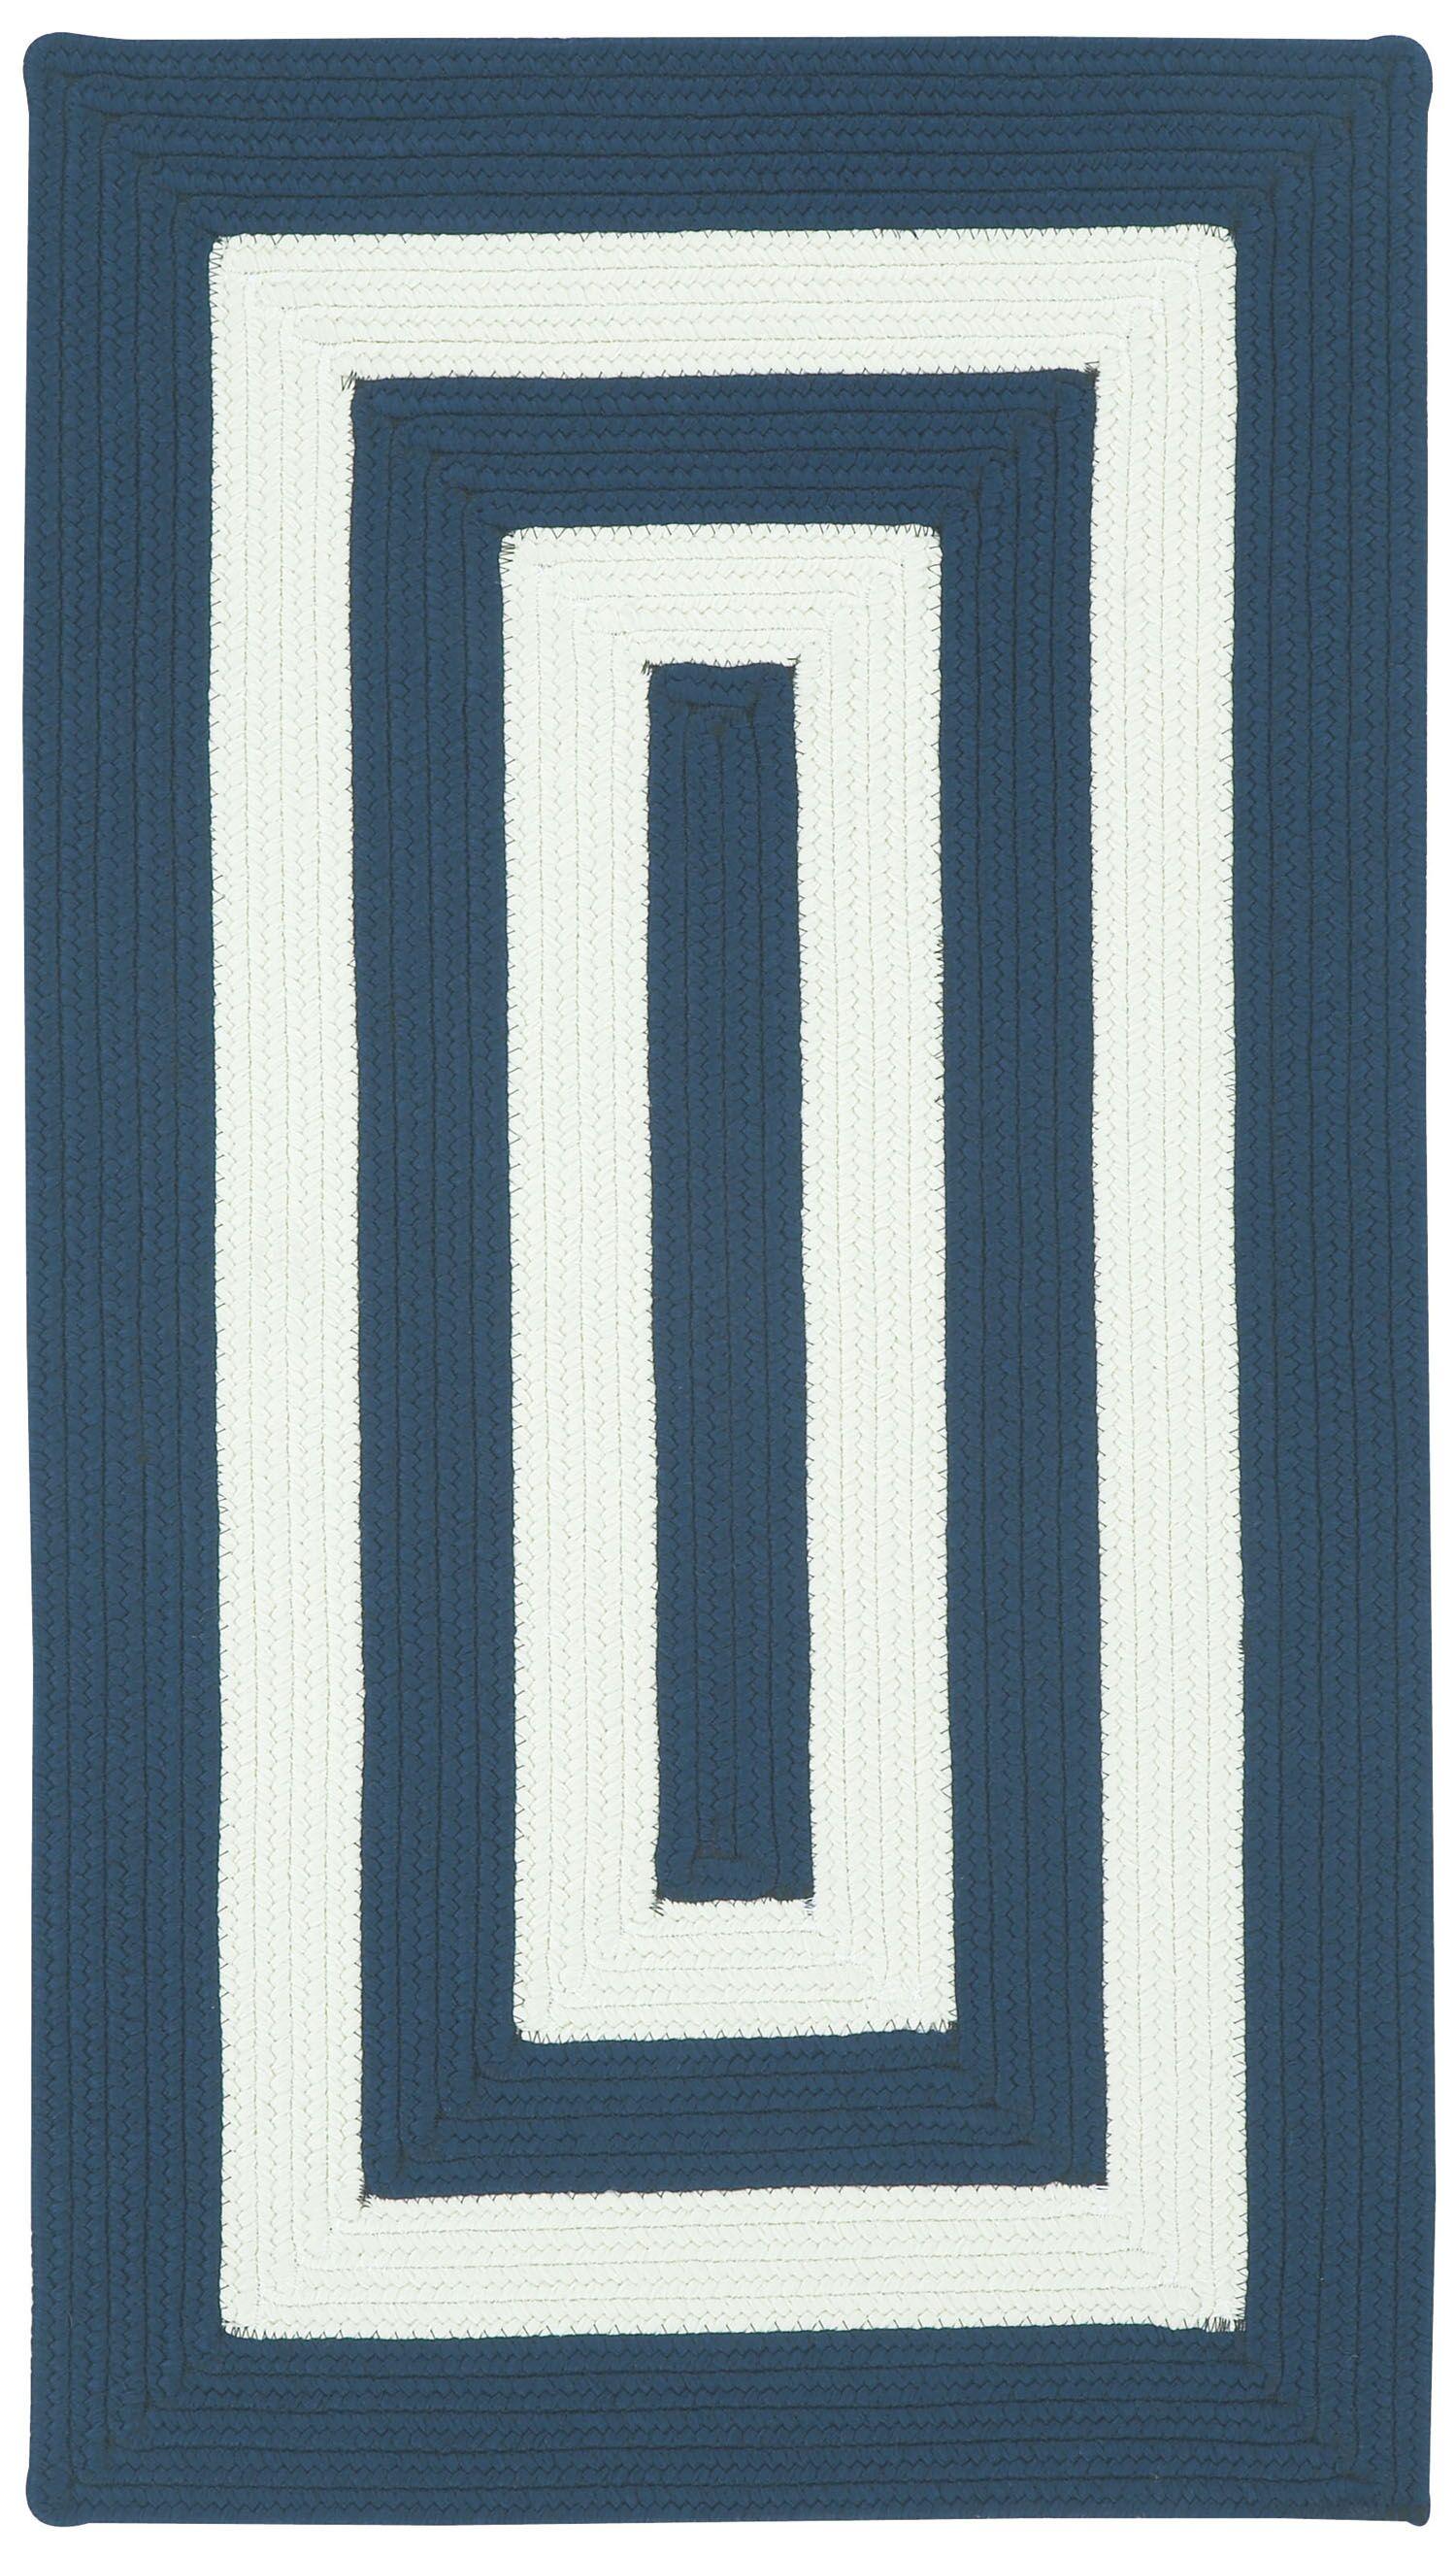 Mitscher Hand-Braided Indigo/White Indoor/Outdoor Area Rug Rug Size: Cross Sewn 11'4